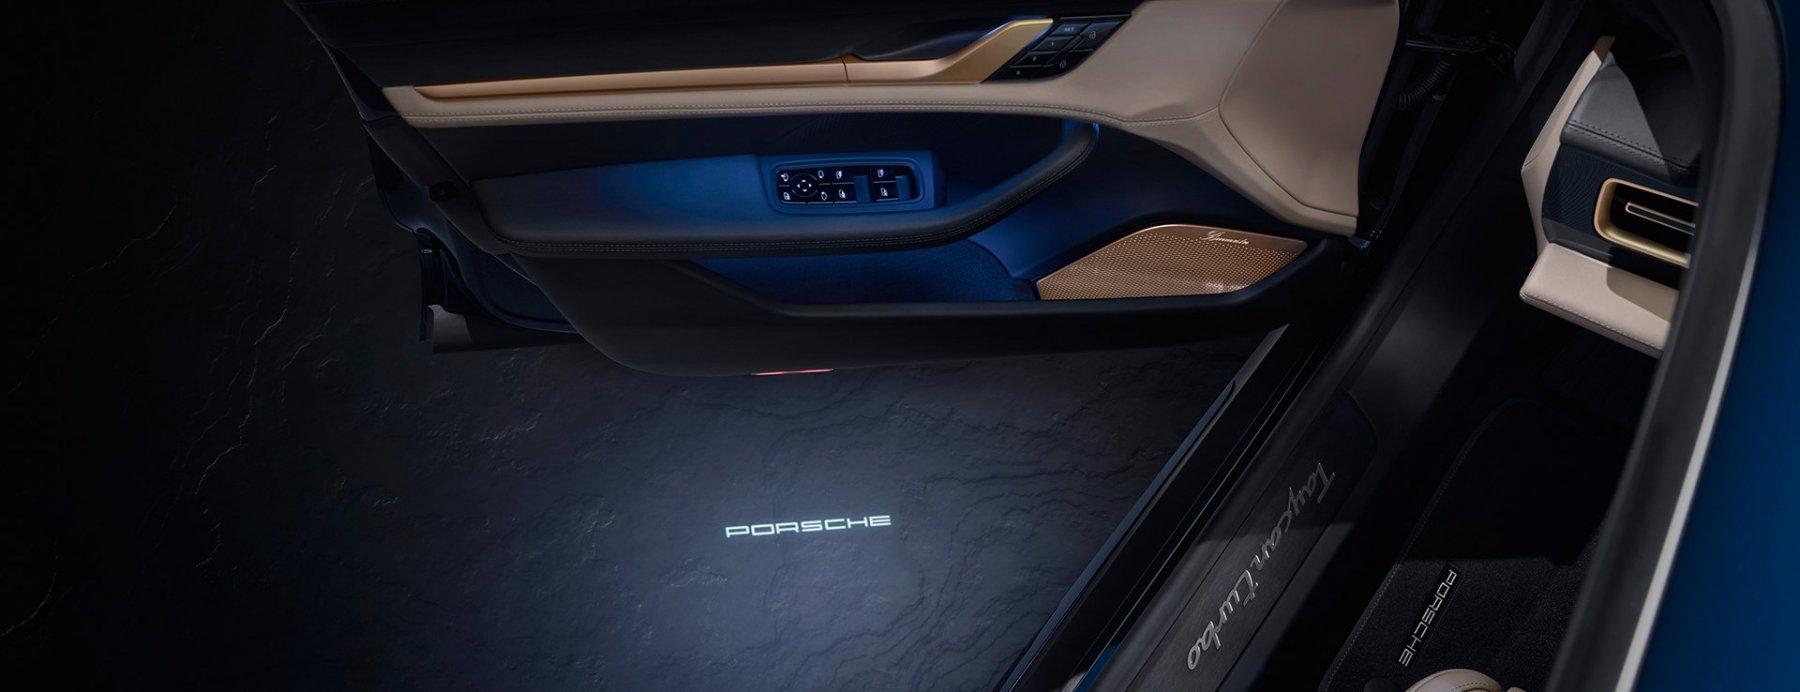 Porsche Taycan Turbo - Porsche Exclusive